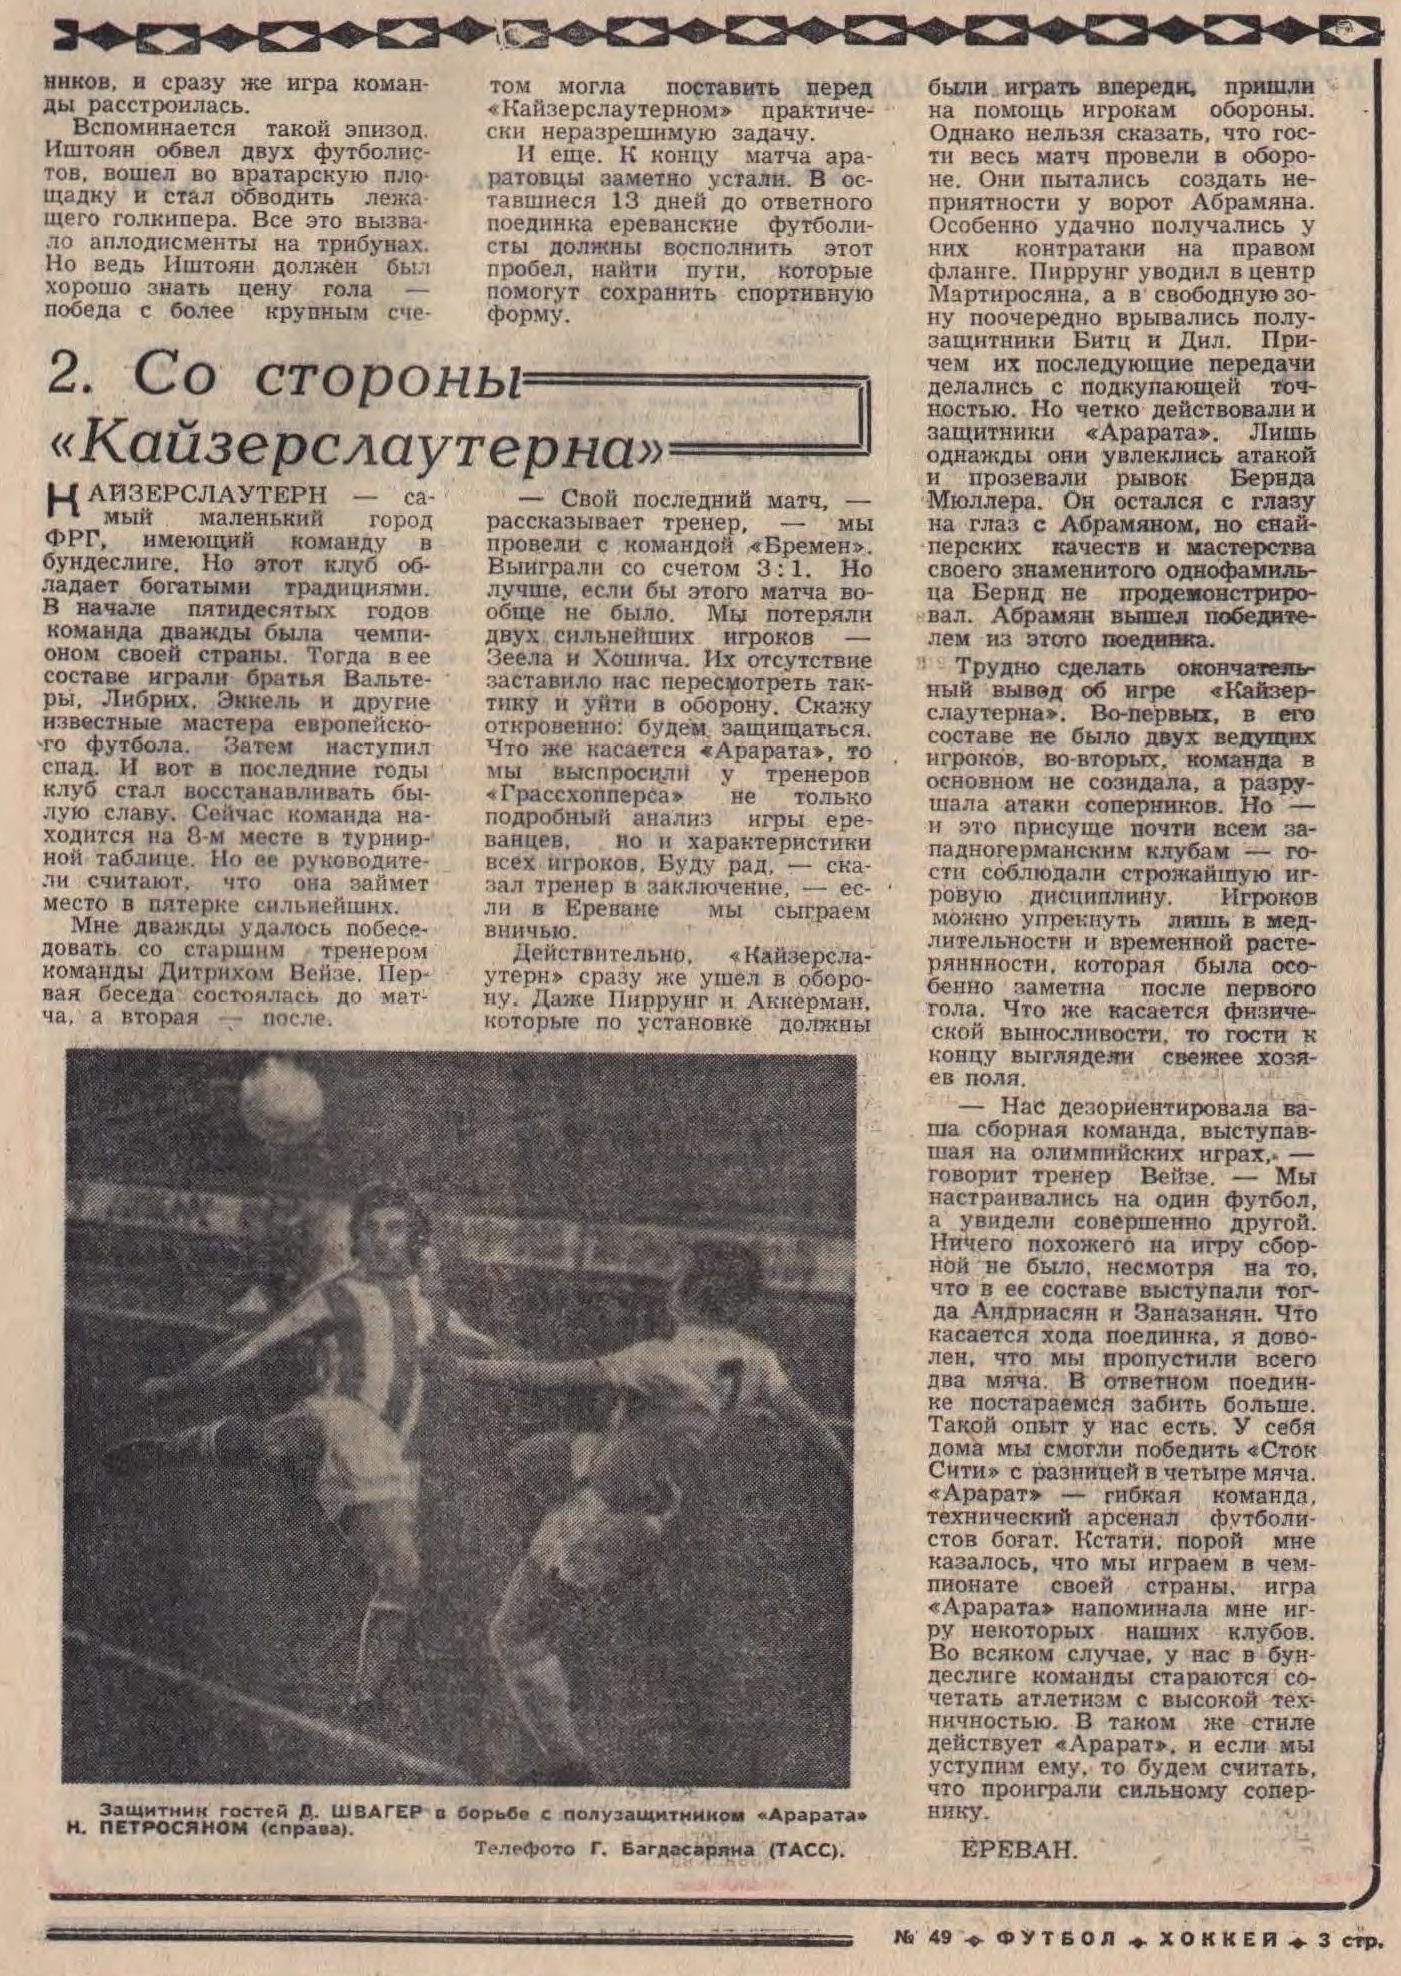 Арарат (СССР) - Кайзерслаутерн (Германия) 2:0